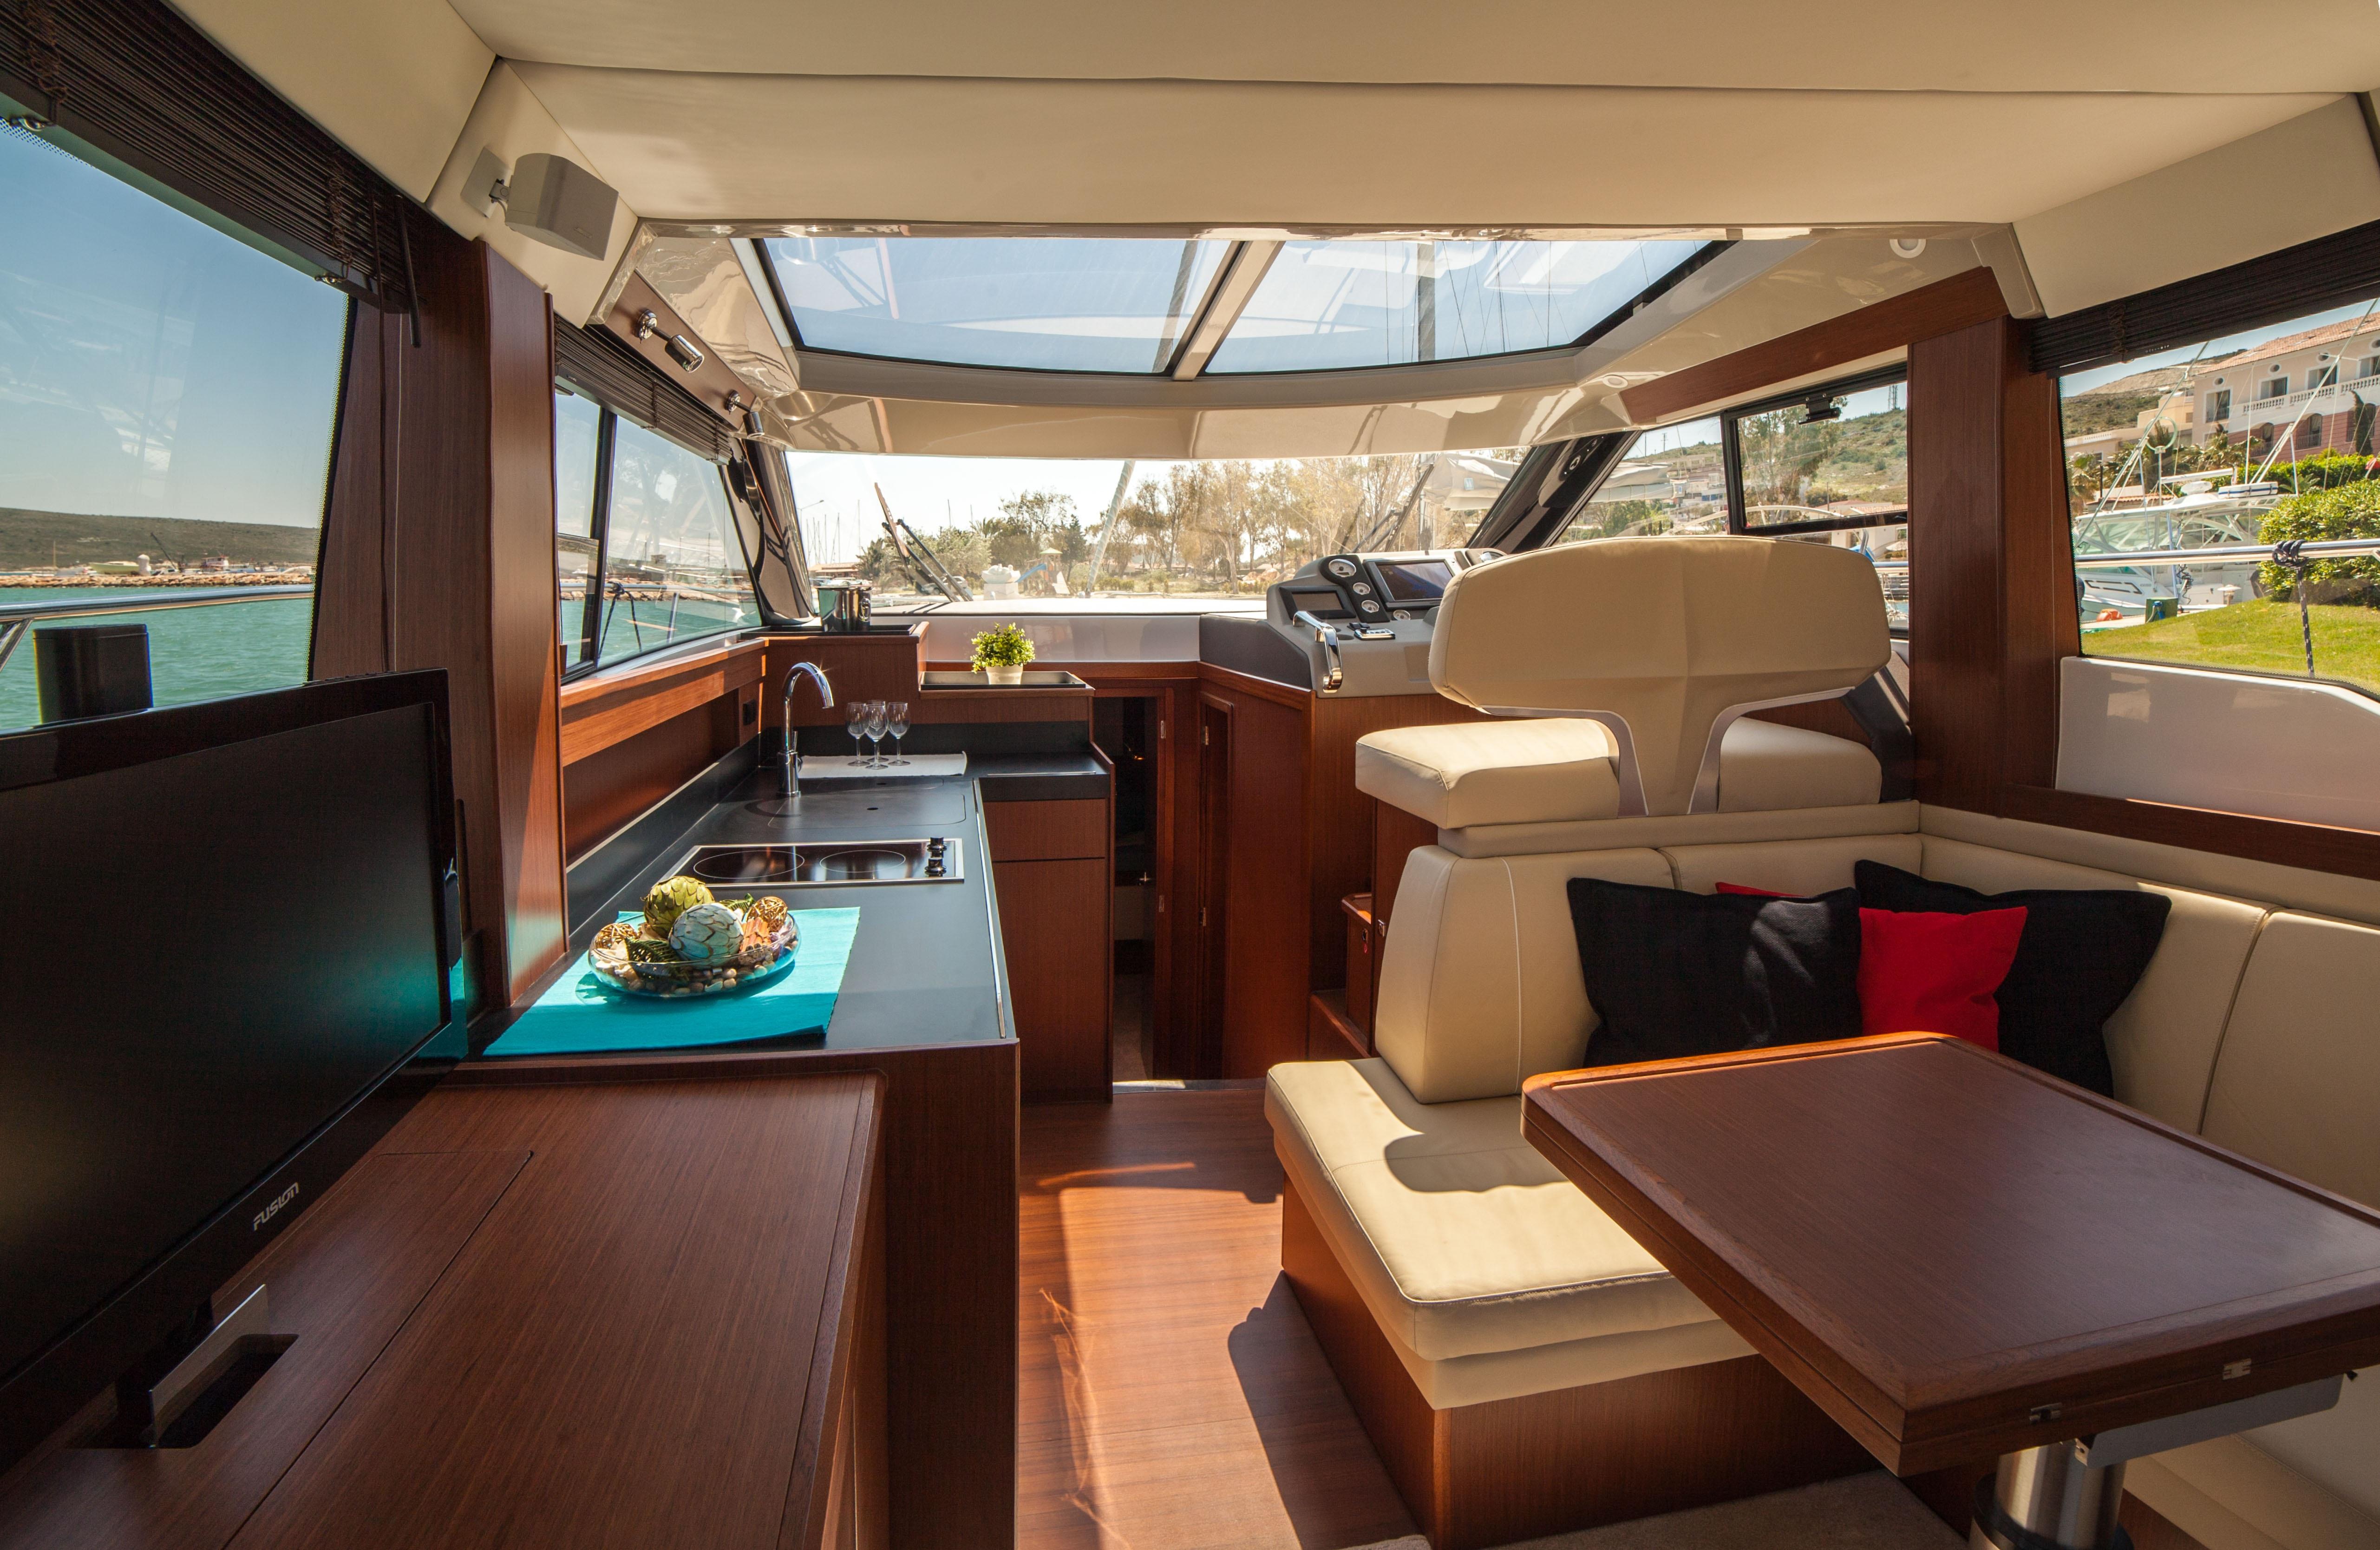 Fotos gratis barco interior enviar veh culo cabina habitaci n embarcaciones ecosistema - Yates de lujo interior ...